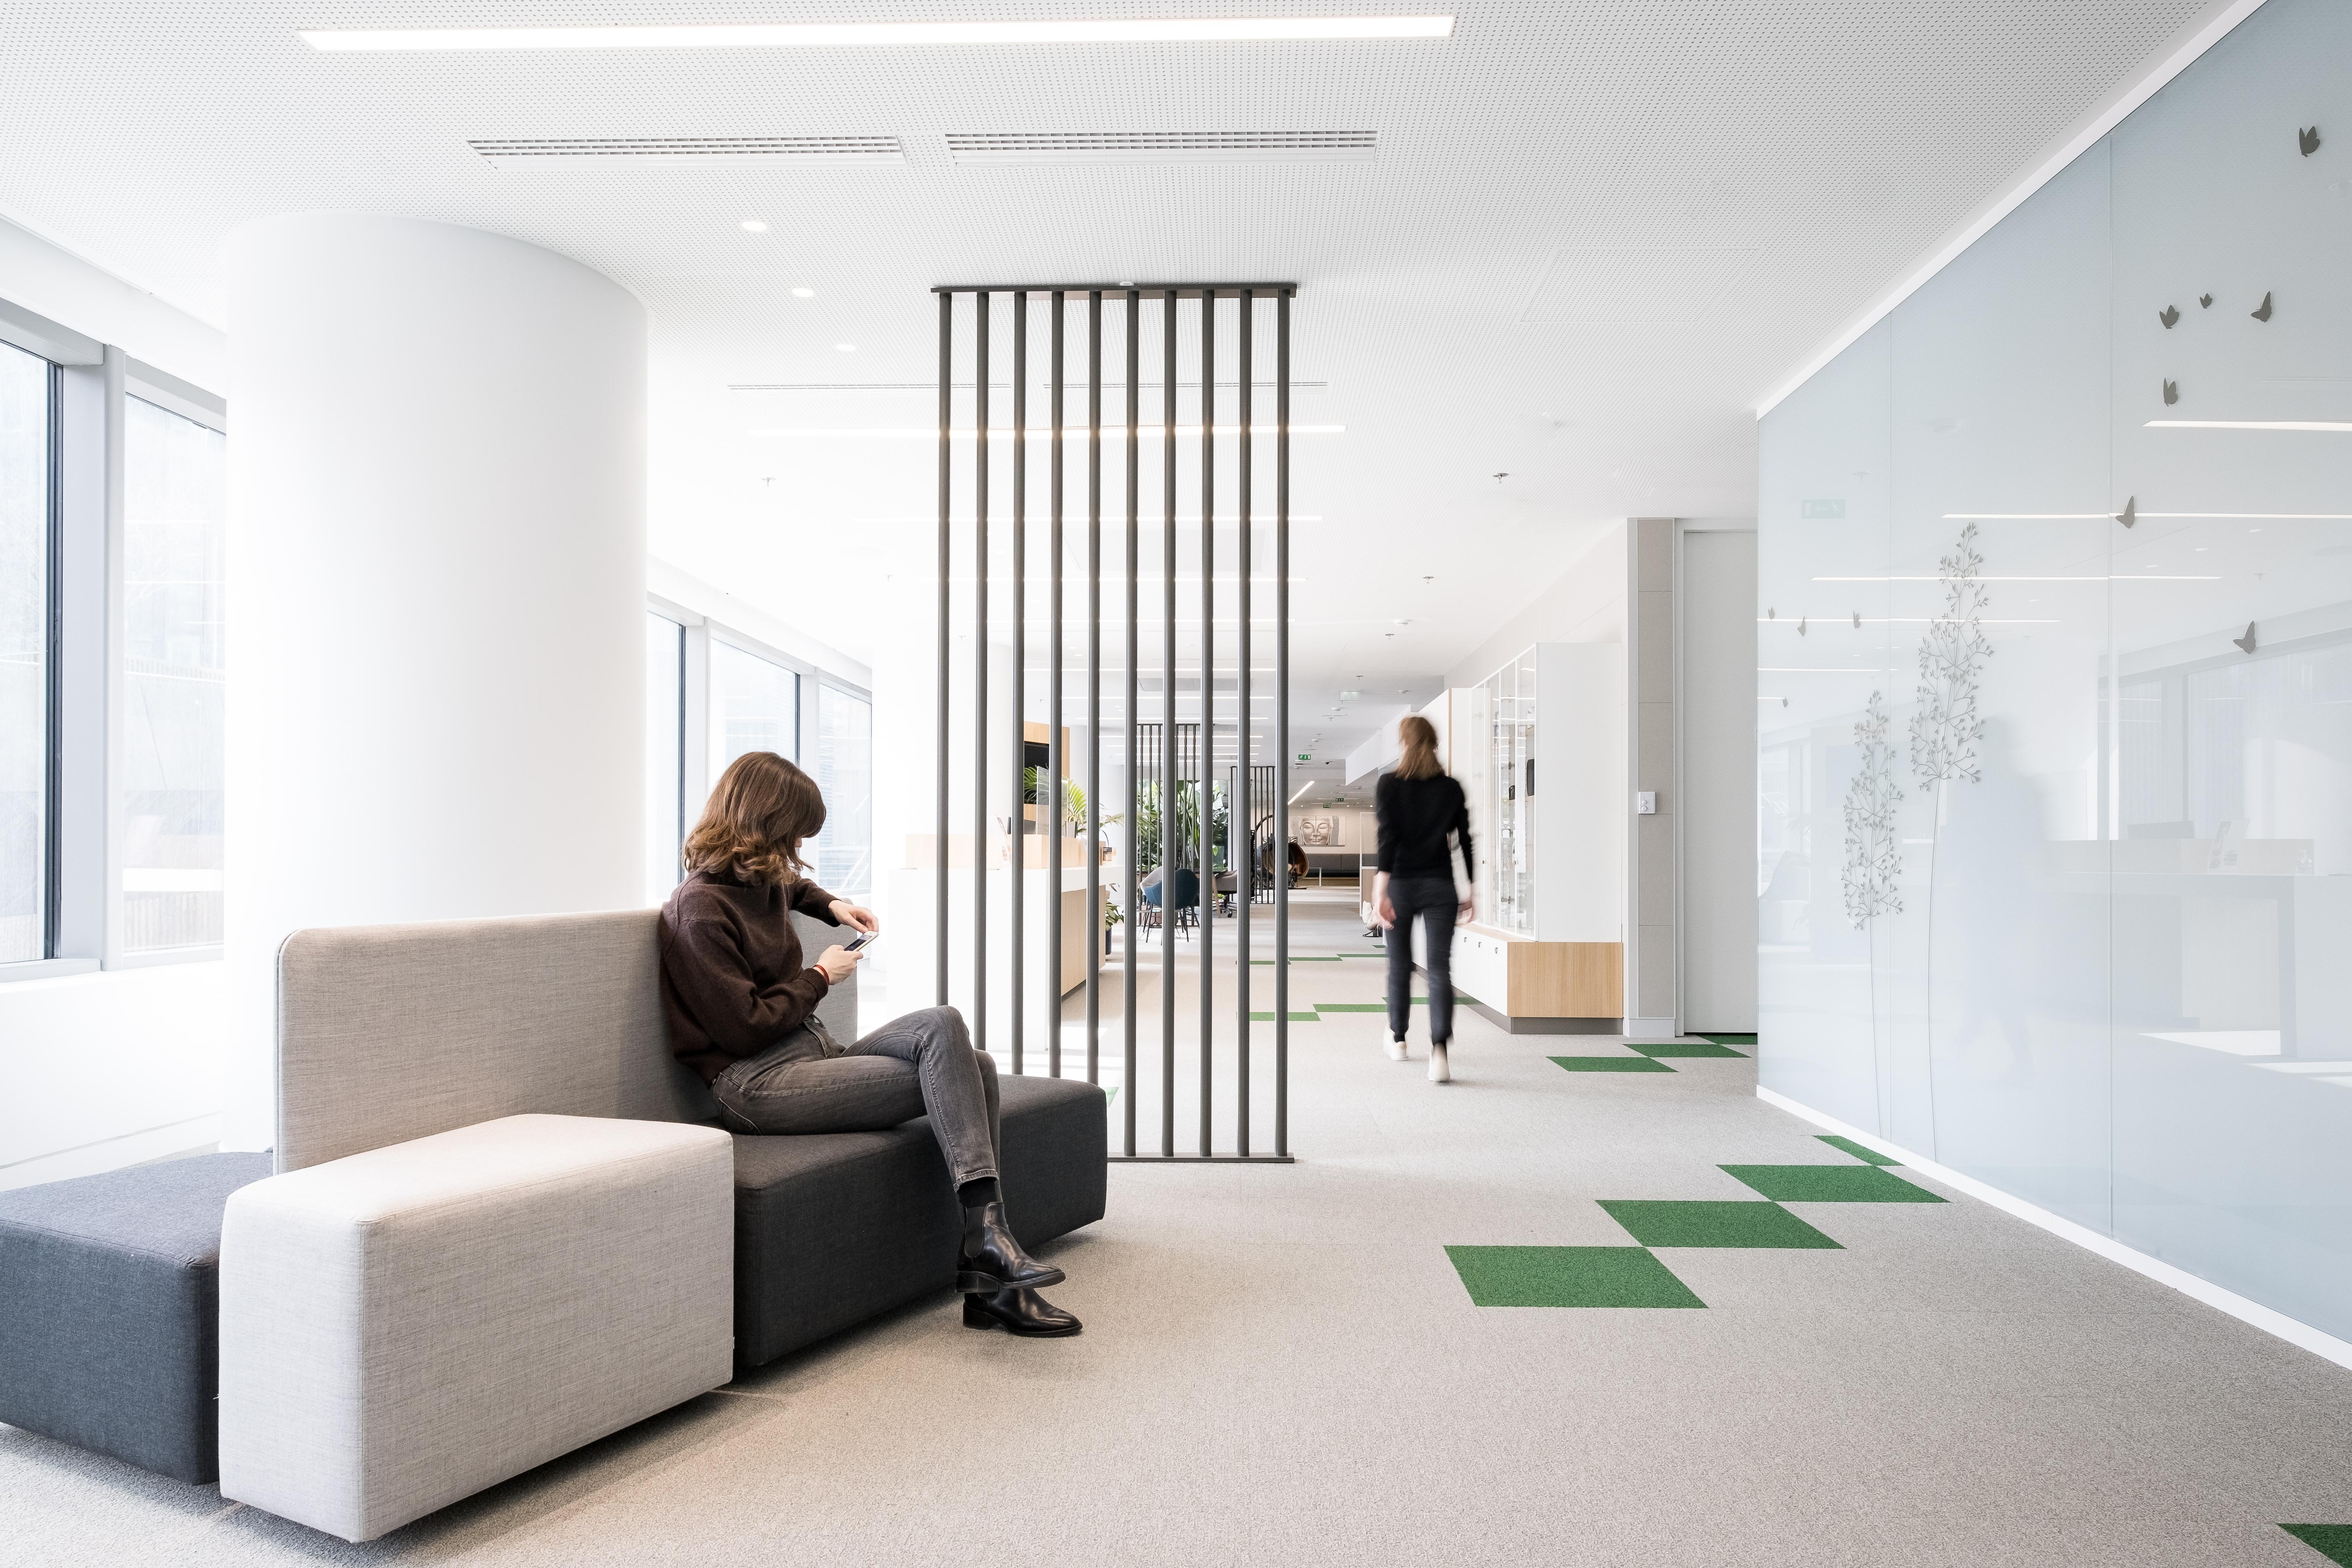 Aménagement d'espaces collaboratifs - Réalisation Saint-Gobain - Puteaux La Défense